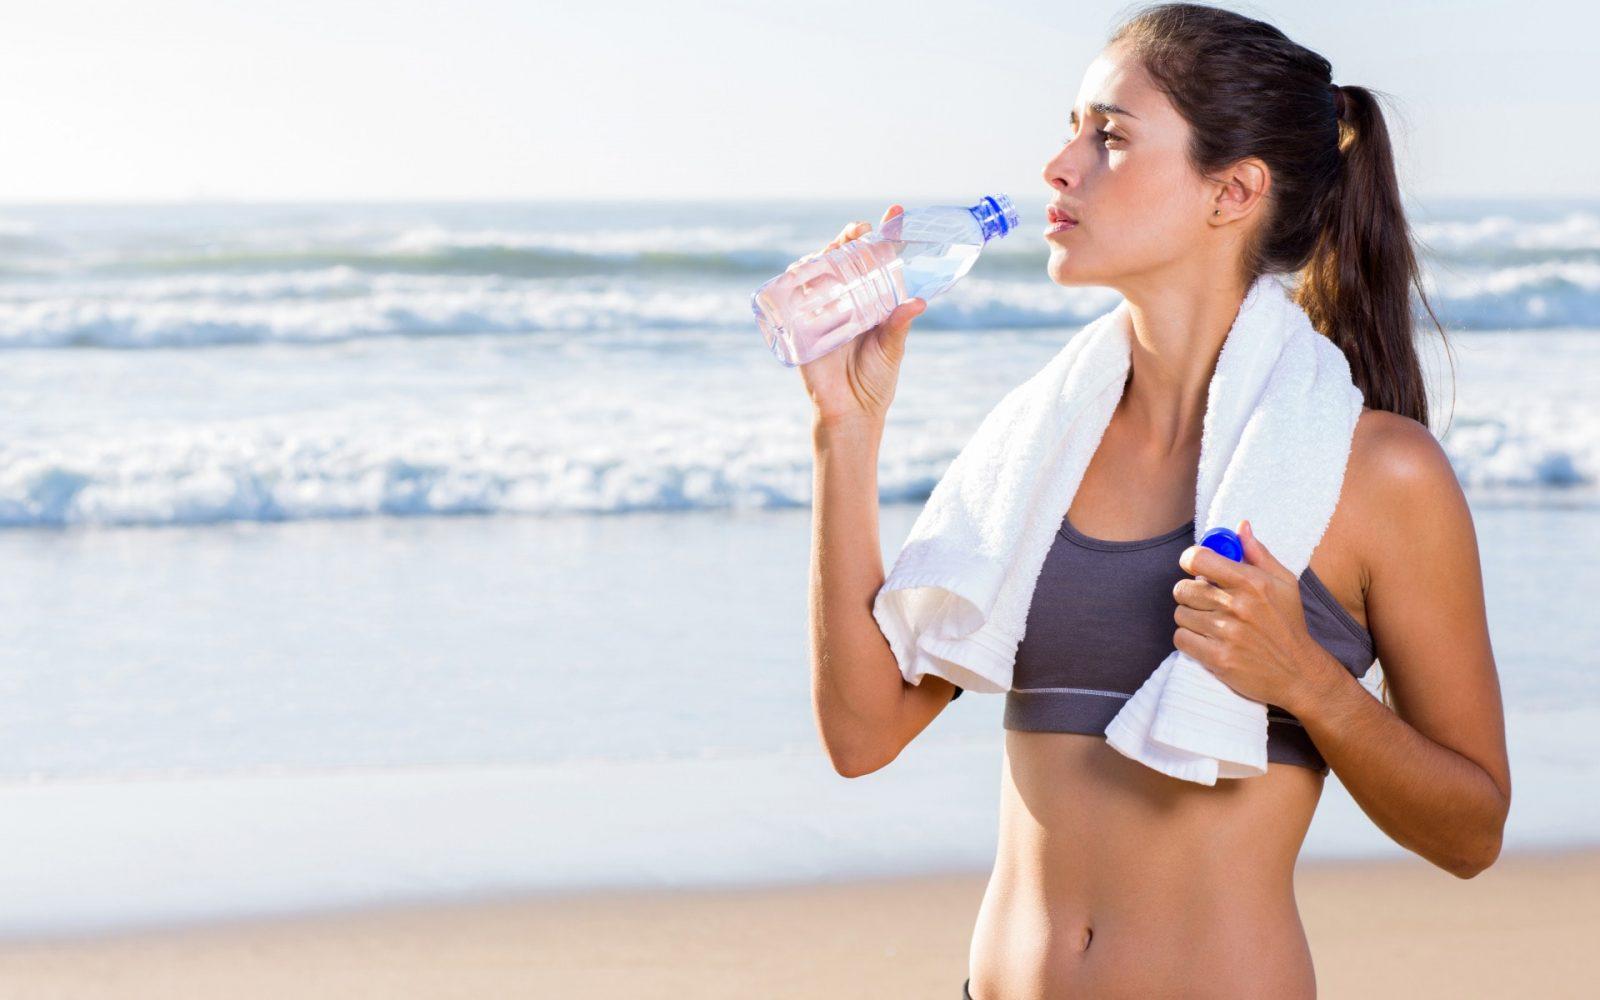 Простая Вода Похудения. Как правильно пить воду, чтобы похудеть. Лучшая водная диета для похудения и здоровья